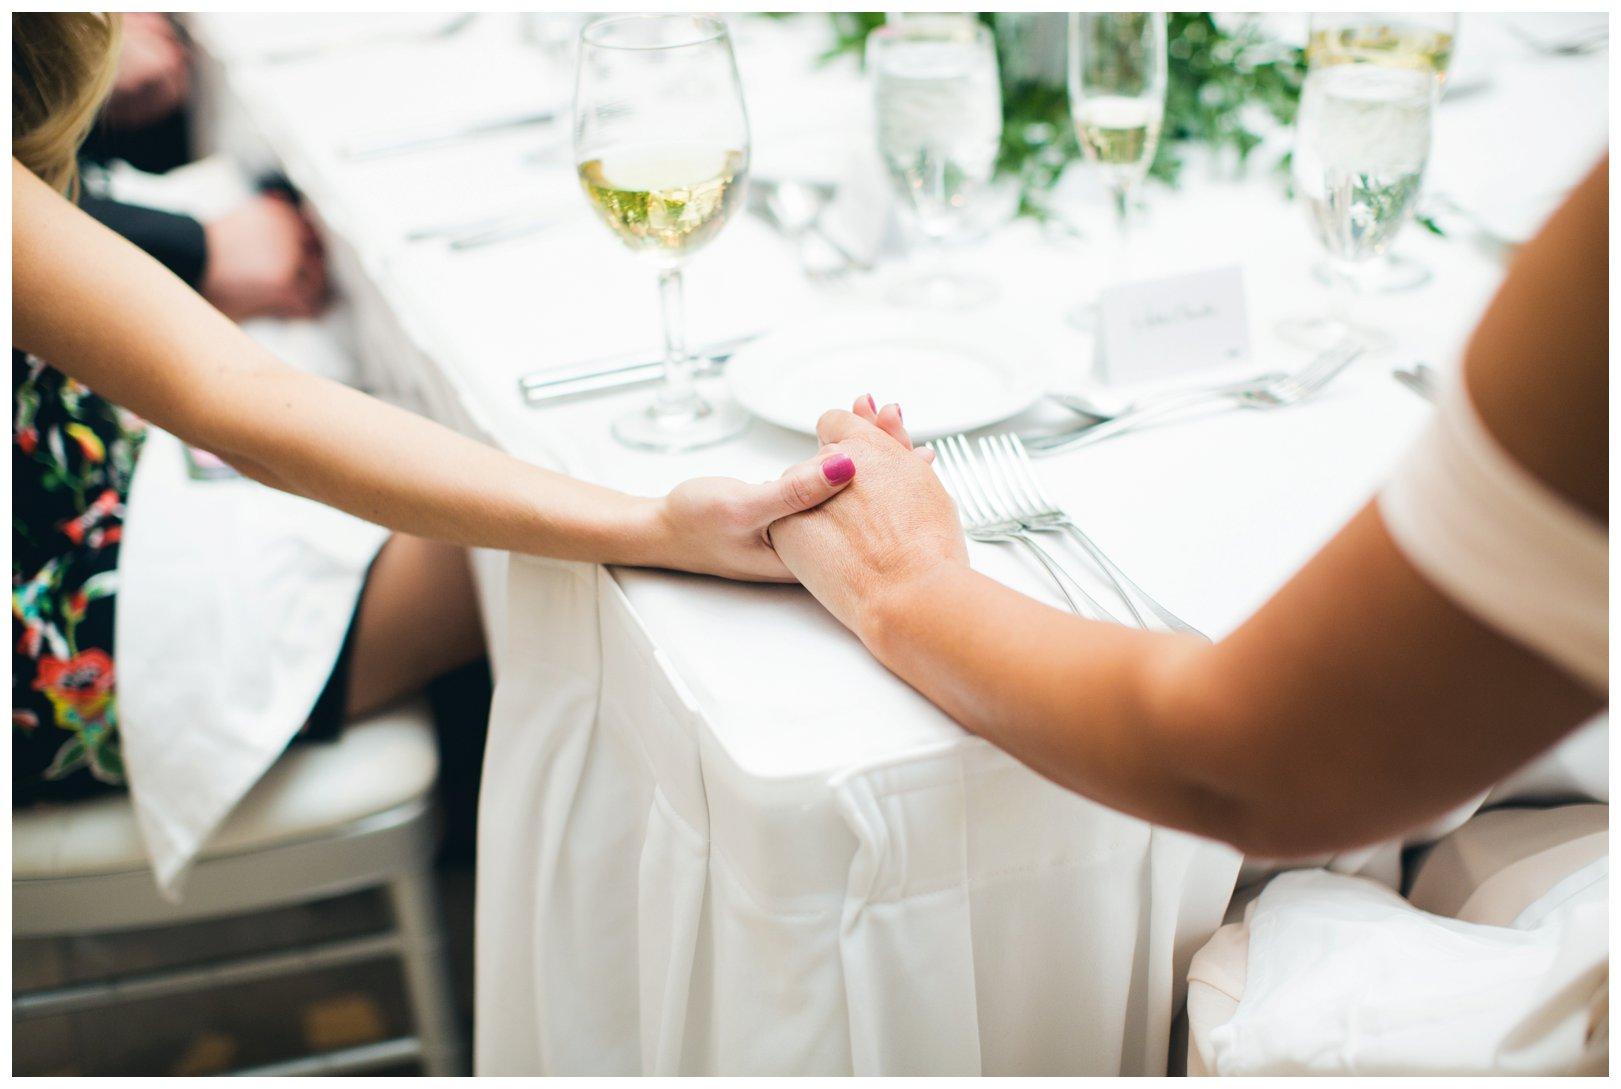 lauren muckler photography_fine art film wedding photography_st louis_photography_2445.jpg